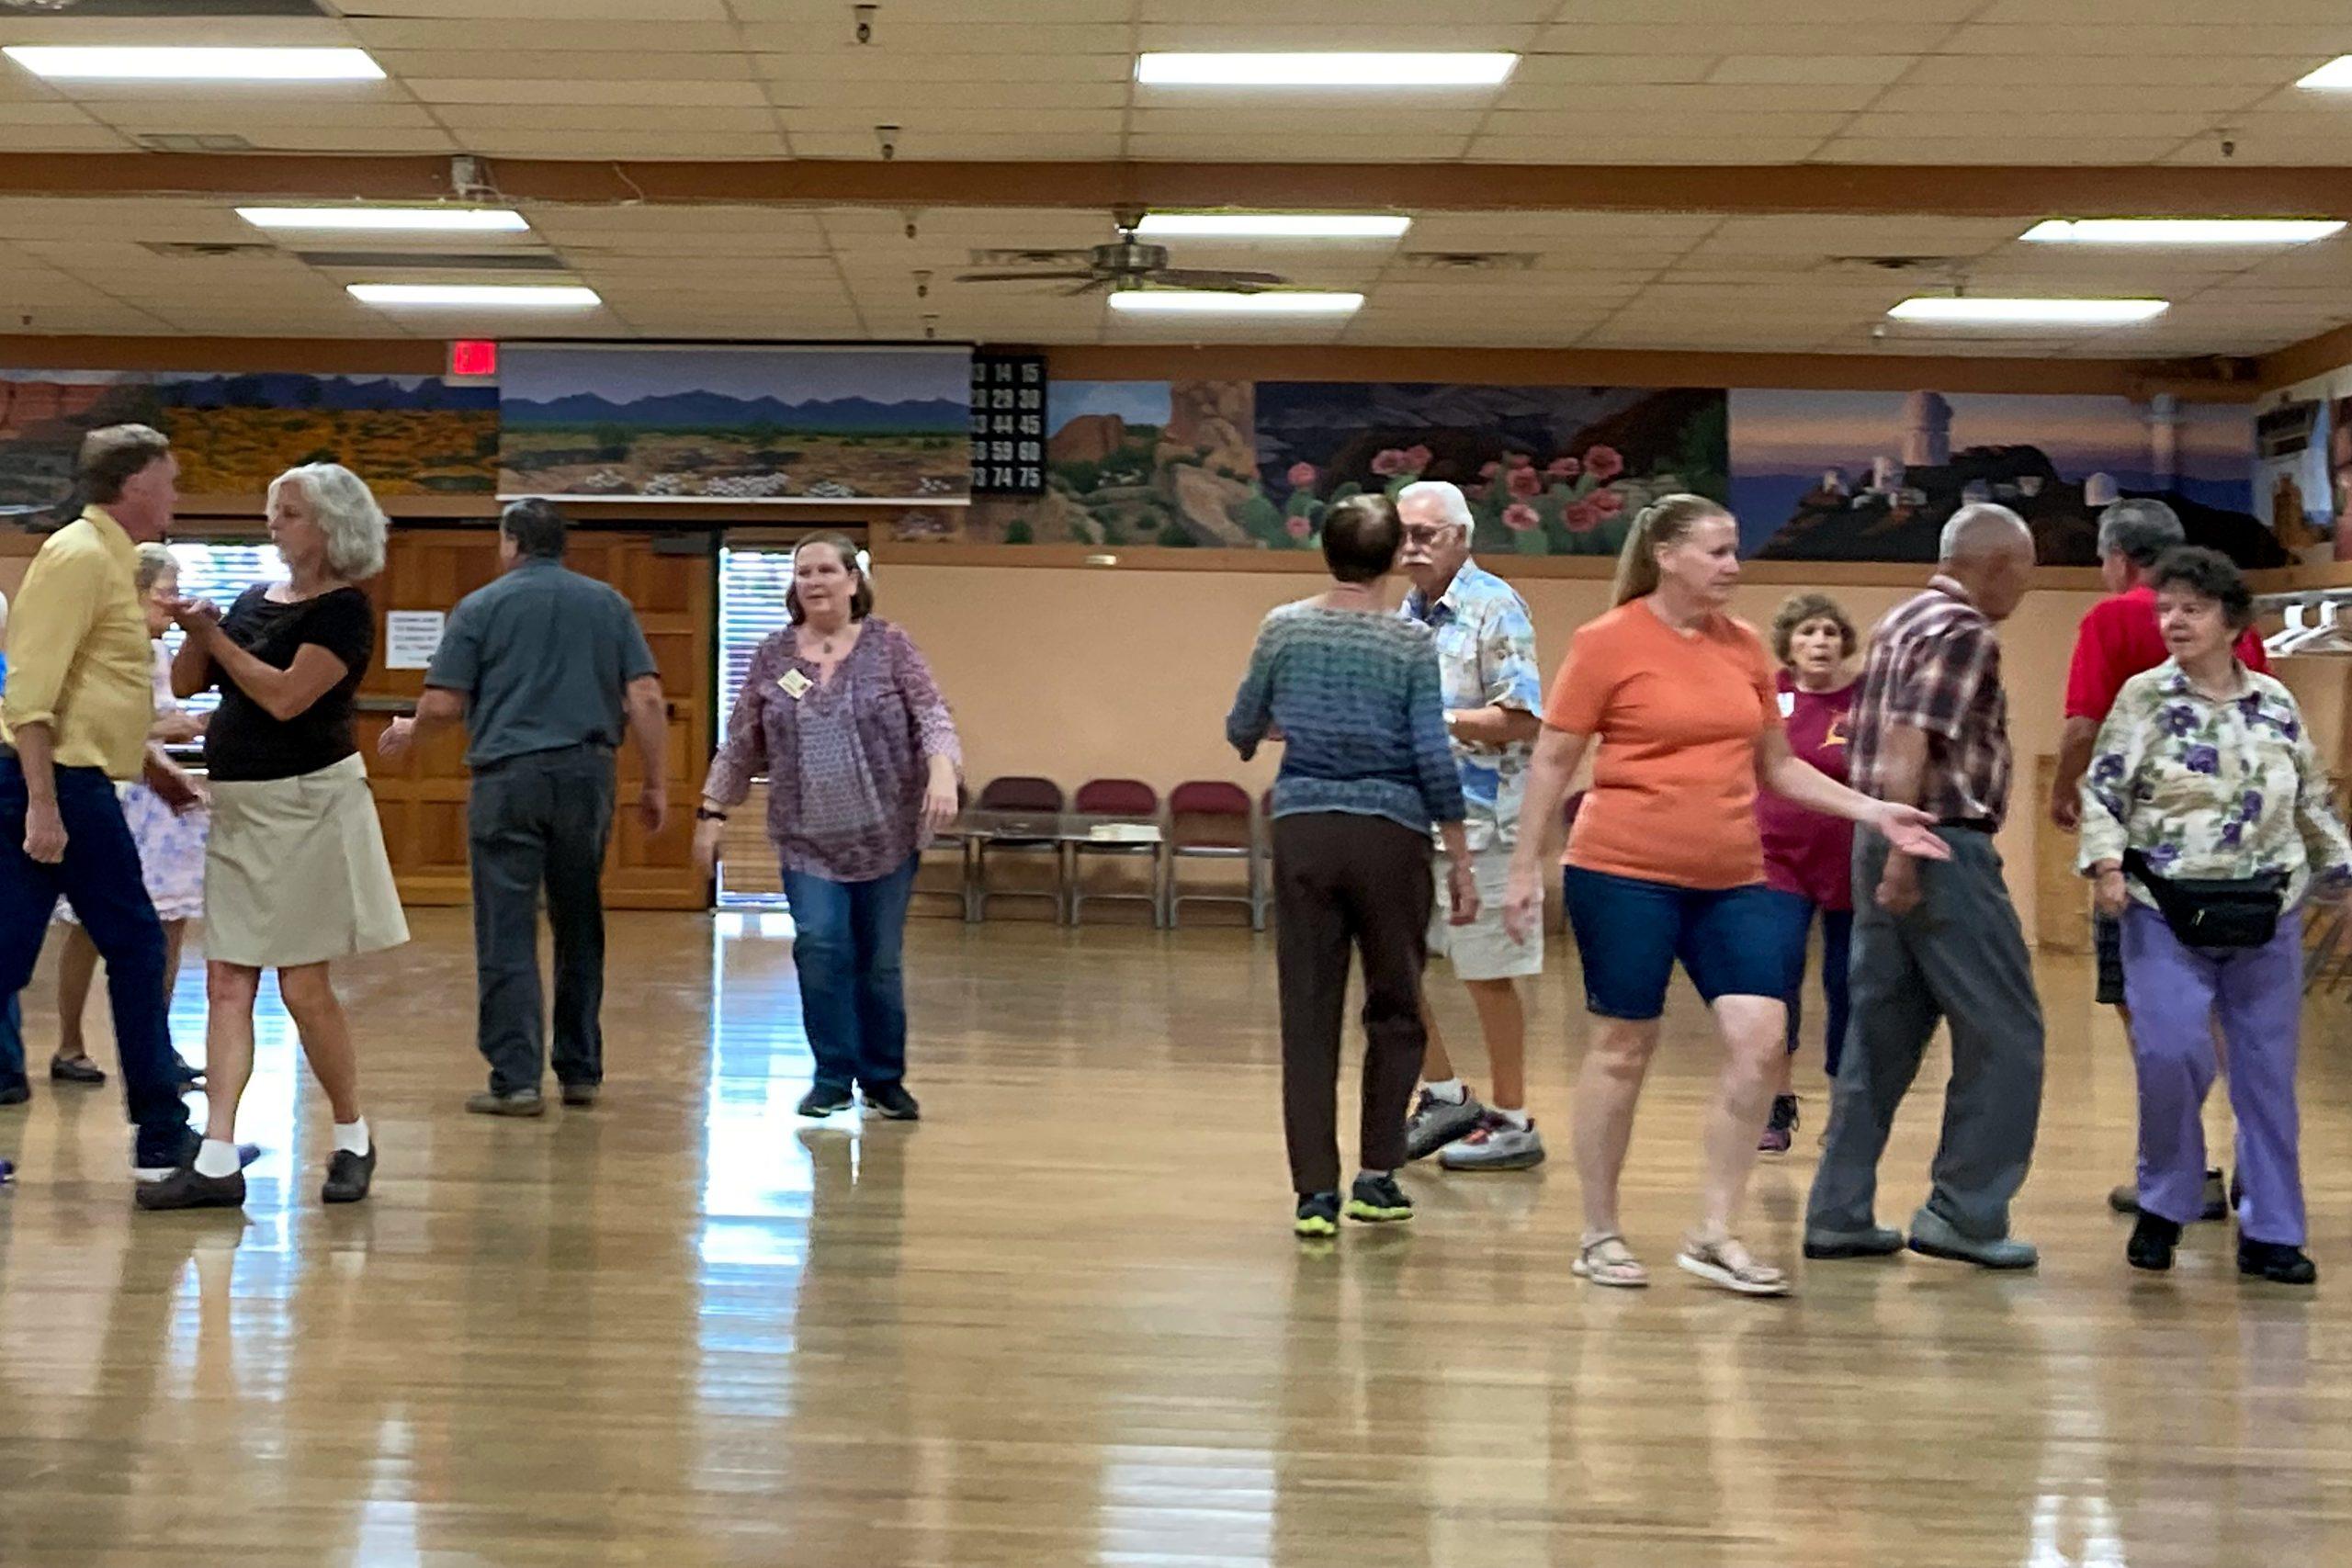 Square dancing at the SARDASA membership dance